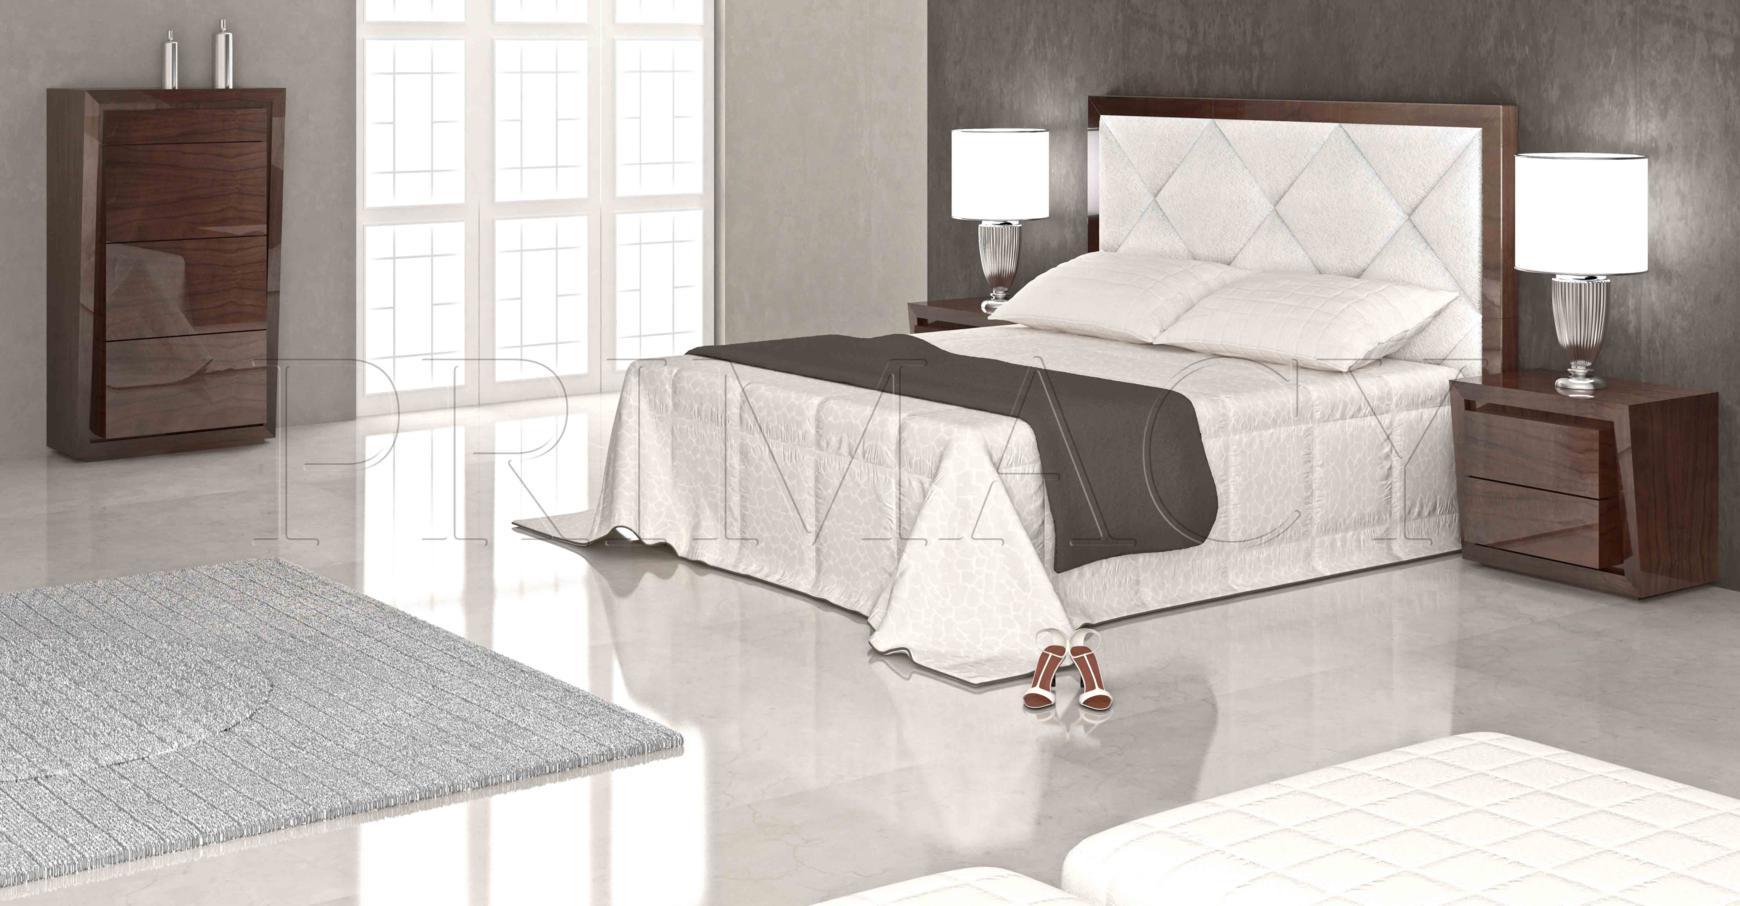 dormitorio de estilo contemporaneo (22)